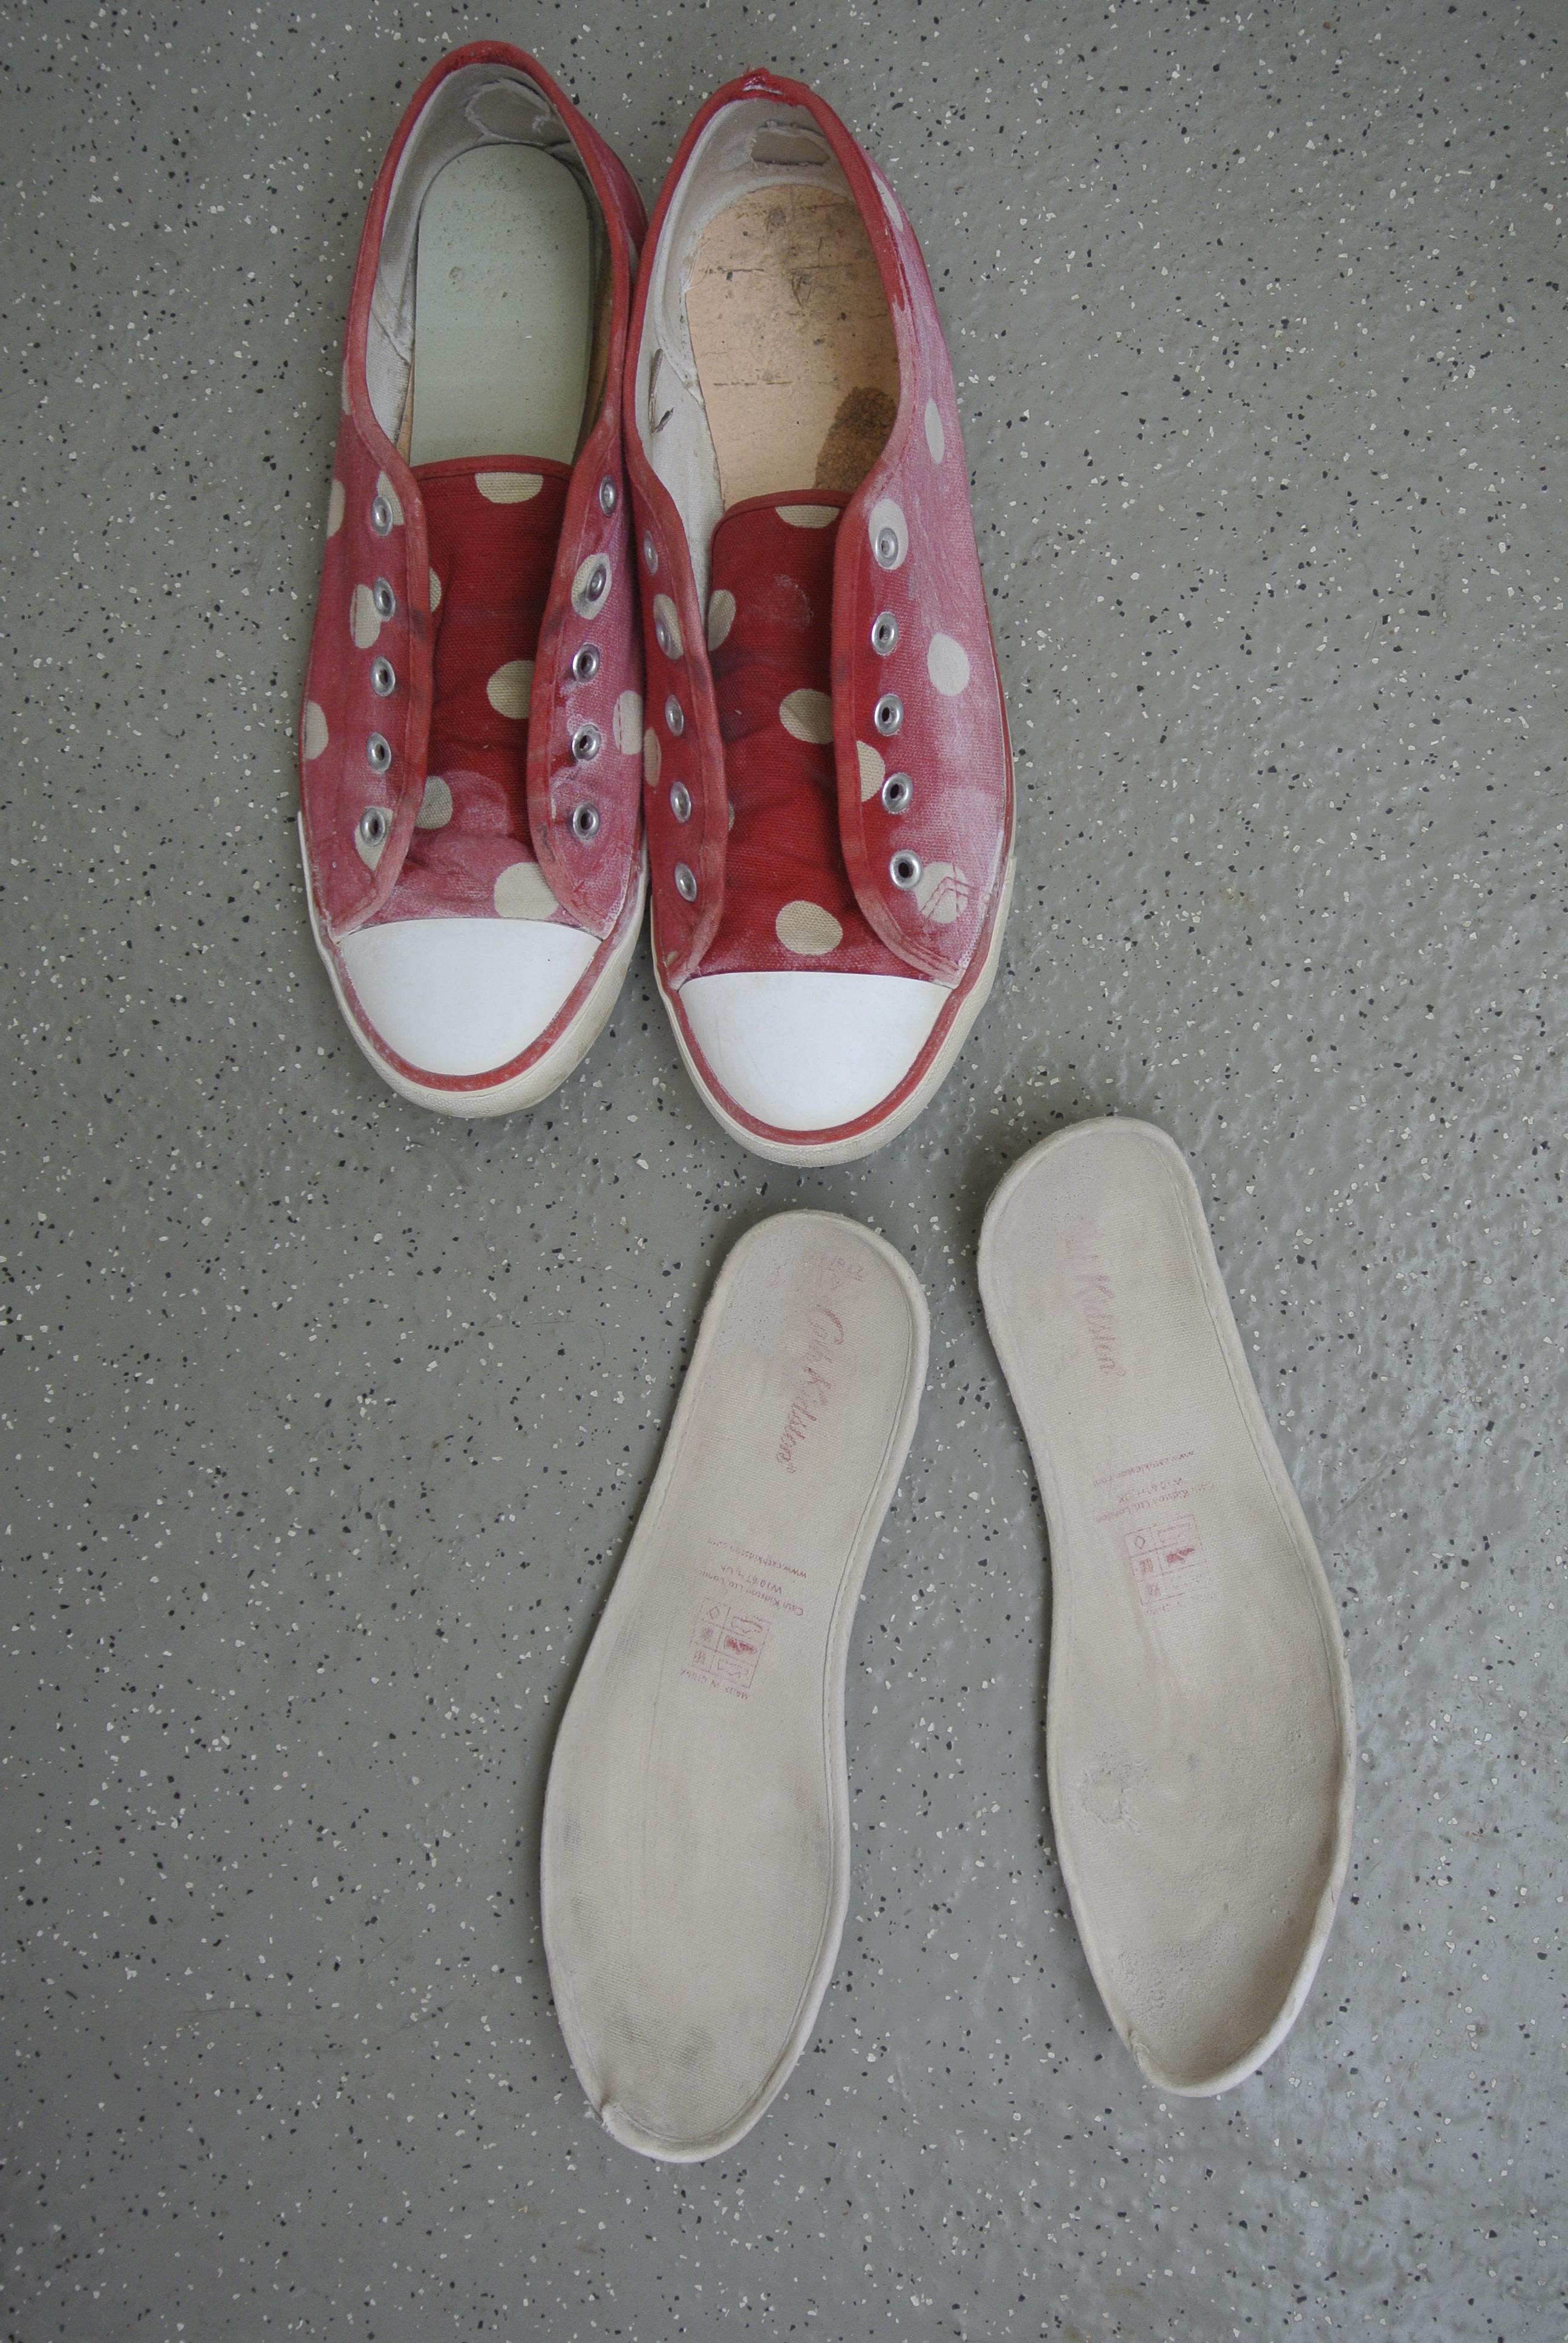 Sneaker Reinigen So Werden Deine Sneaker Wieder Sauber Rosanisiert